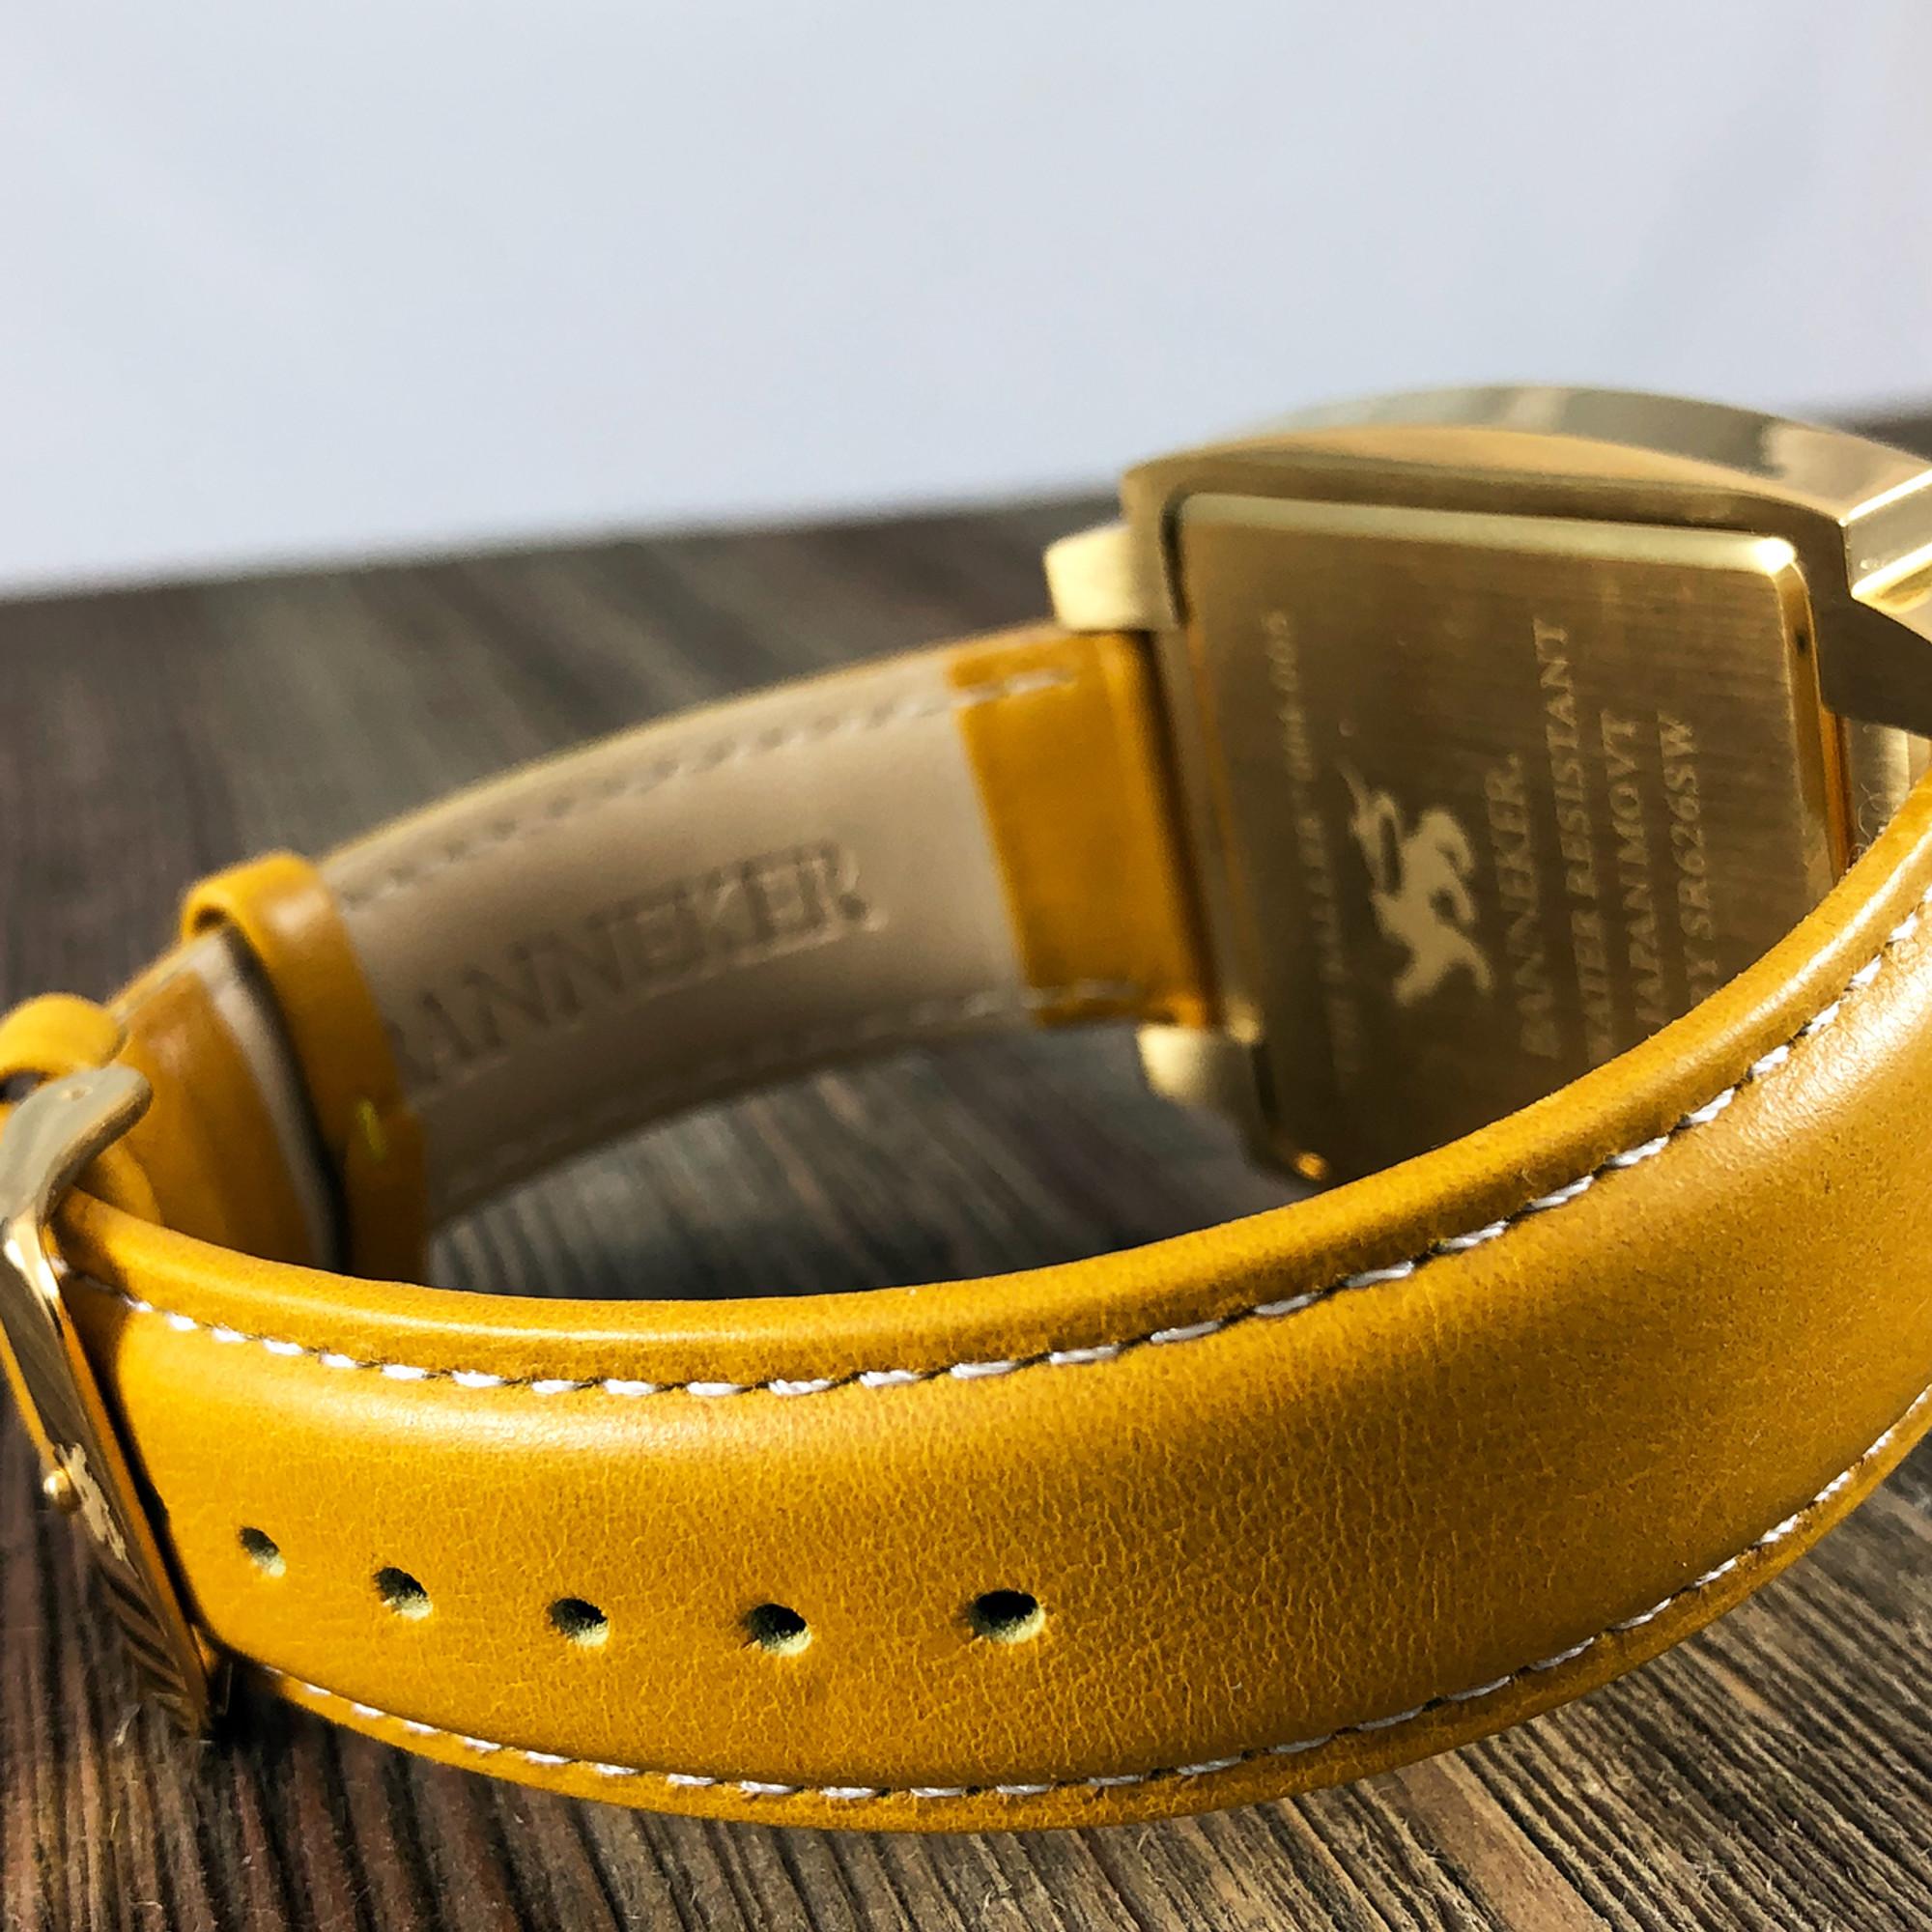 c0d288e93 The Gold Baller Watch by Banneker Watches & Clocks